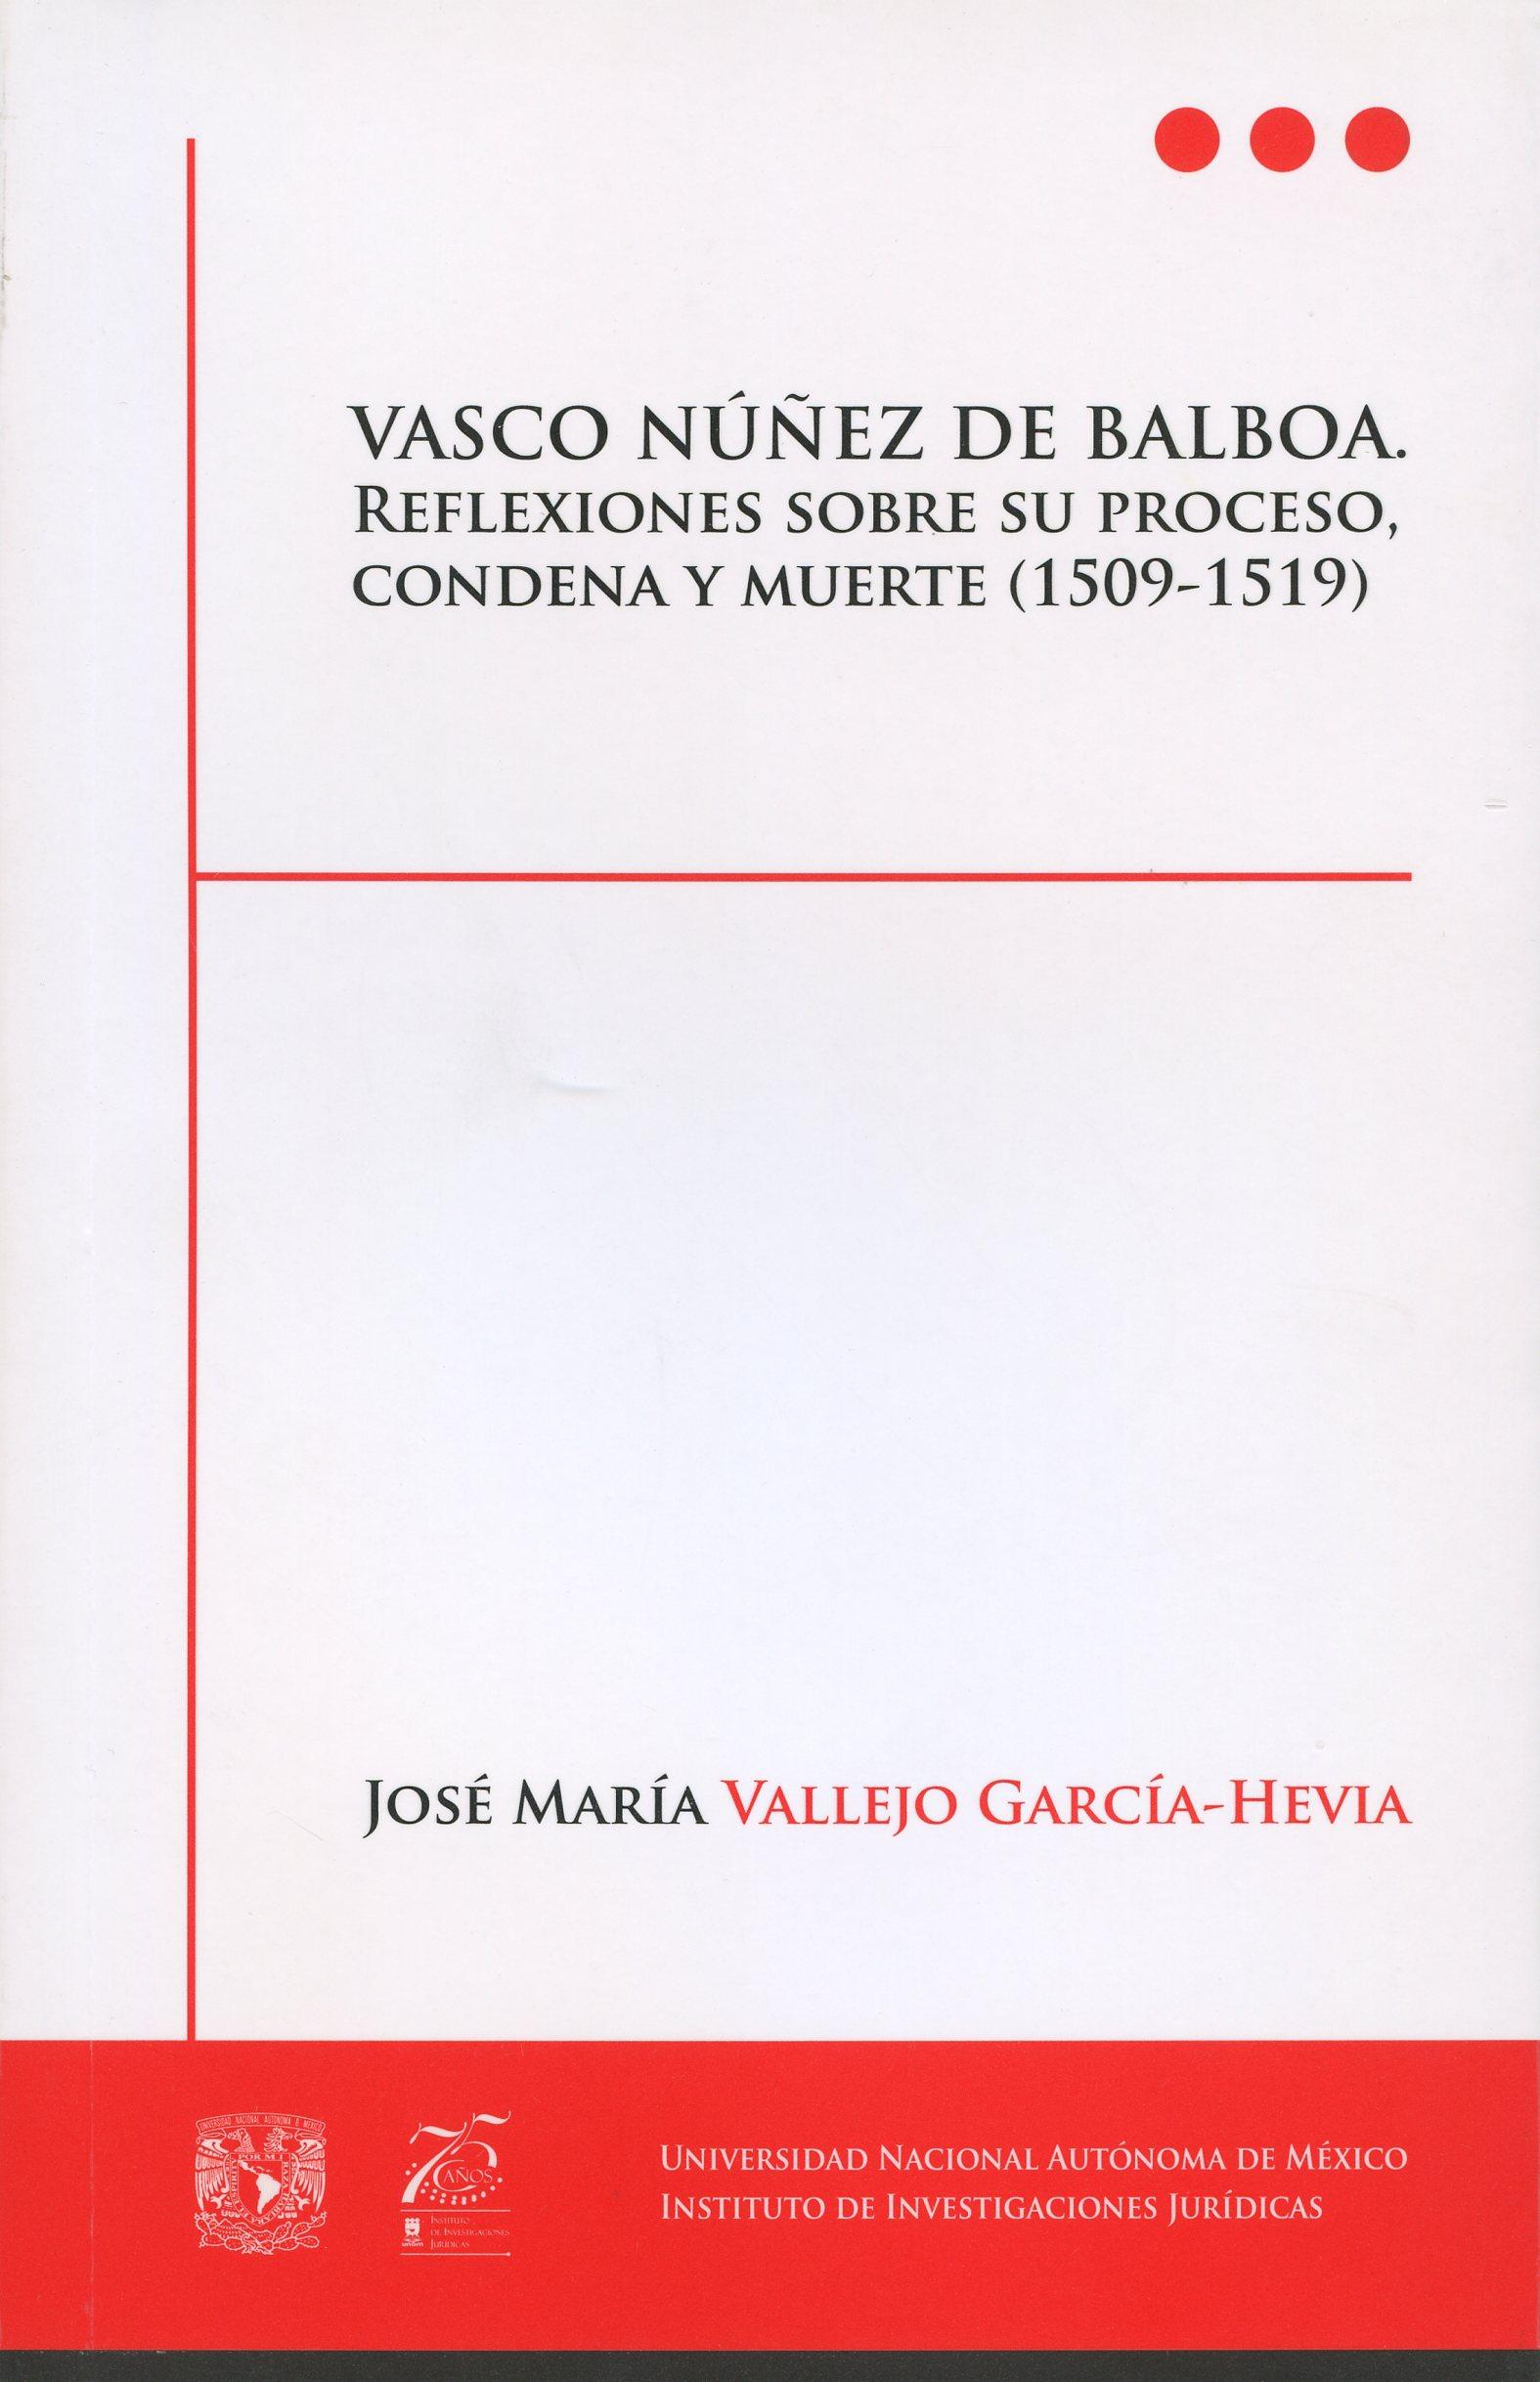 Vasco Núñez de Balboa. Reflexiones sobre su proceso, condena y muerte (1509-1519)